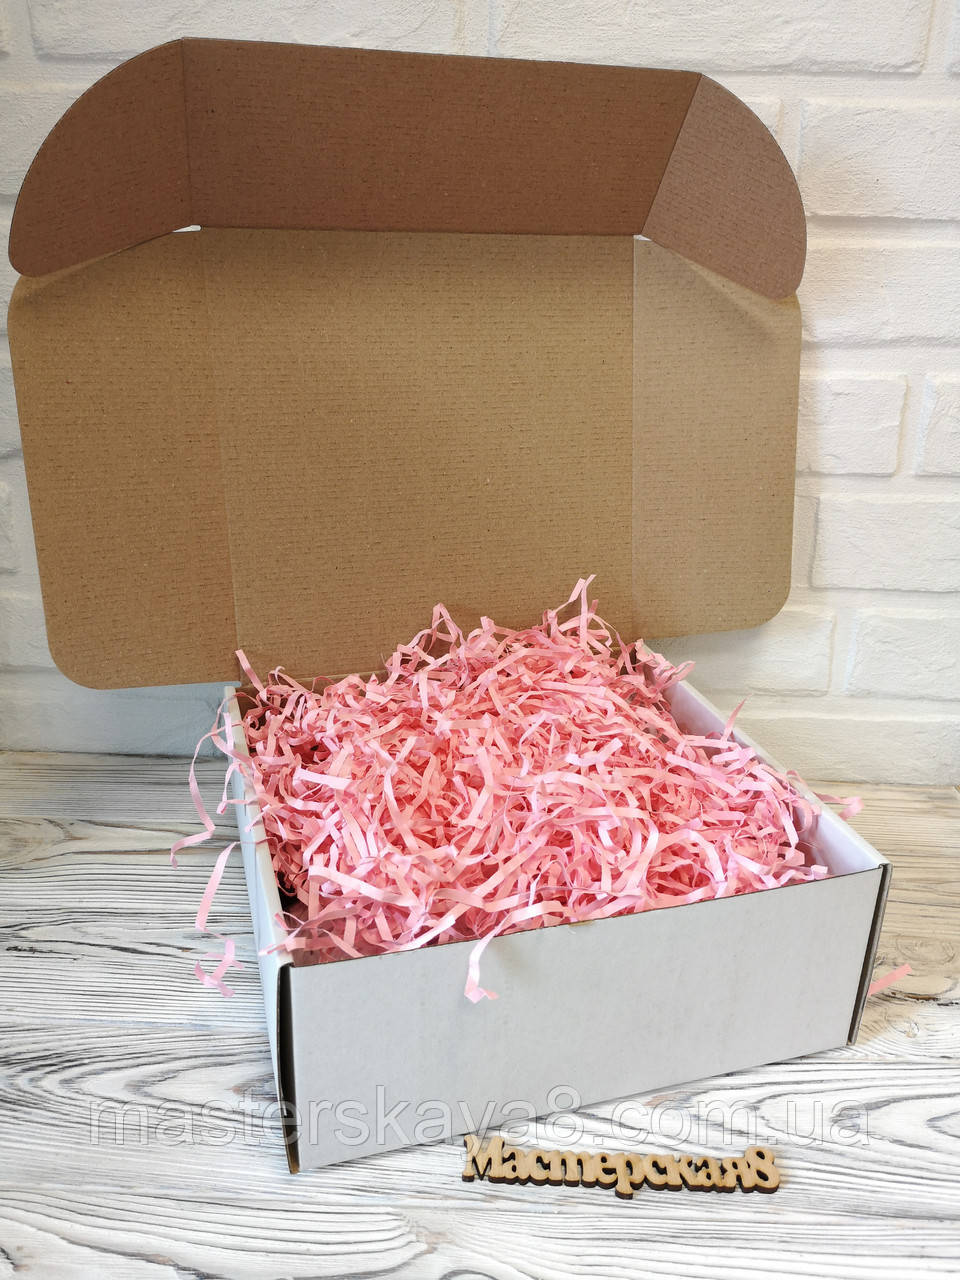 Біла Коробка 250*250*100 мм для подарунка з рожевим наповнювачем , для сувеніра, для мила, косметики